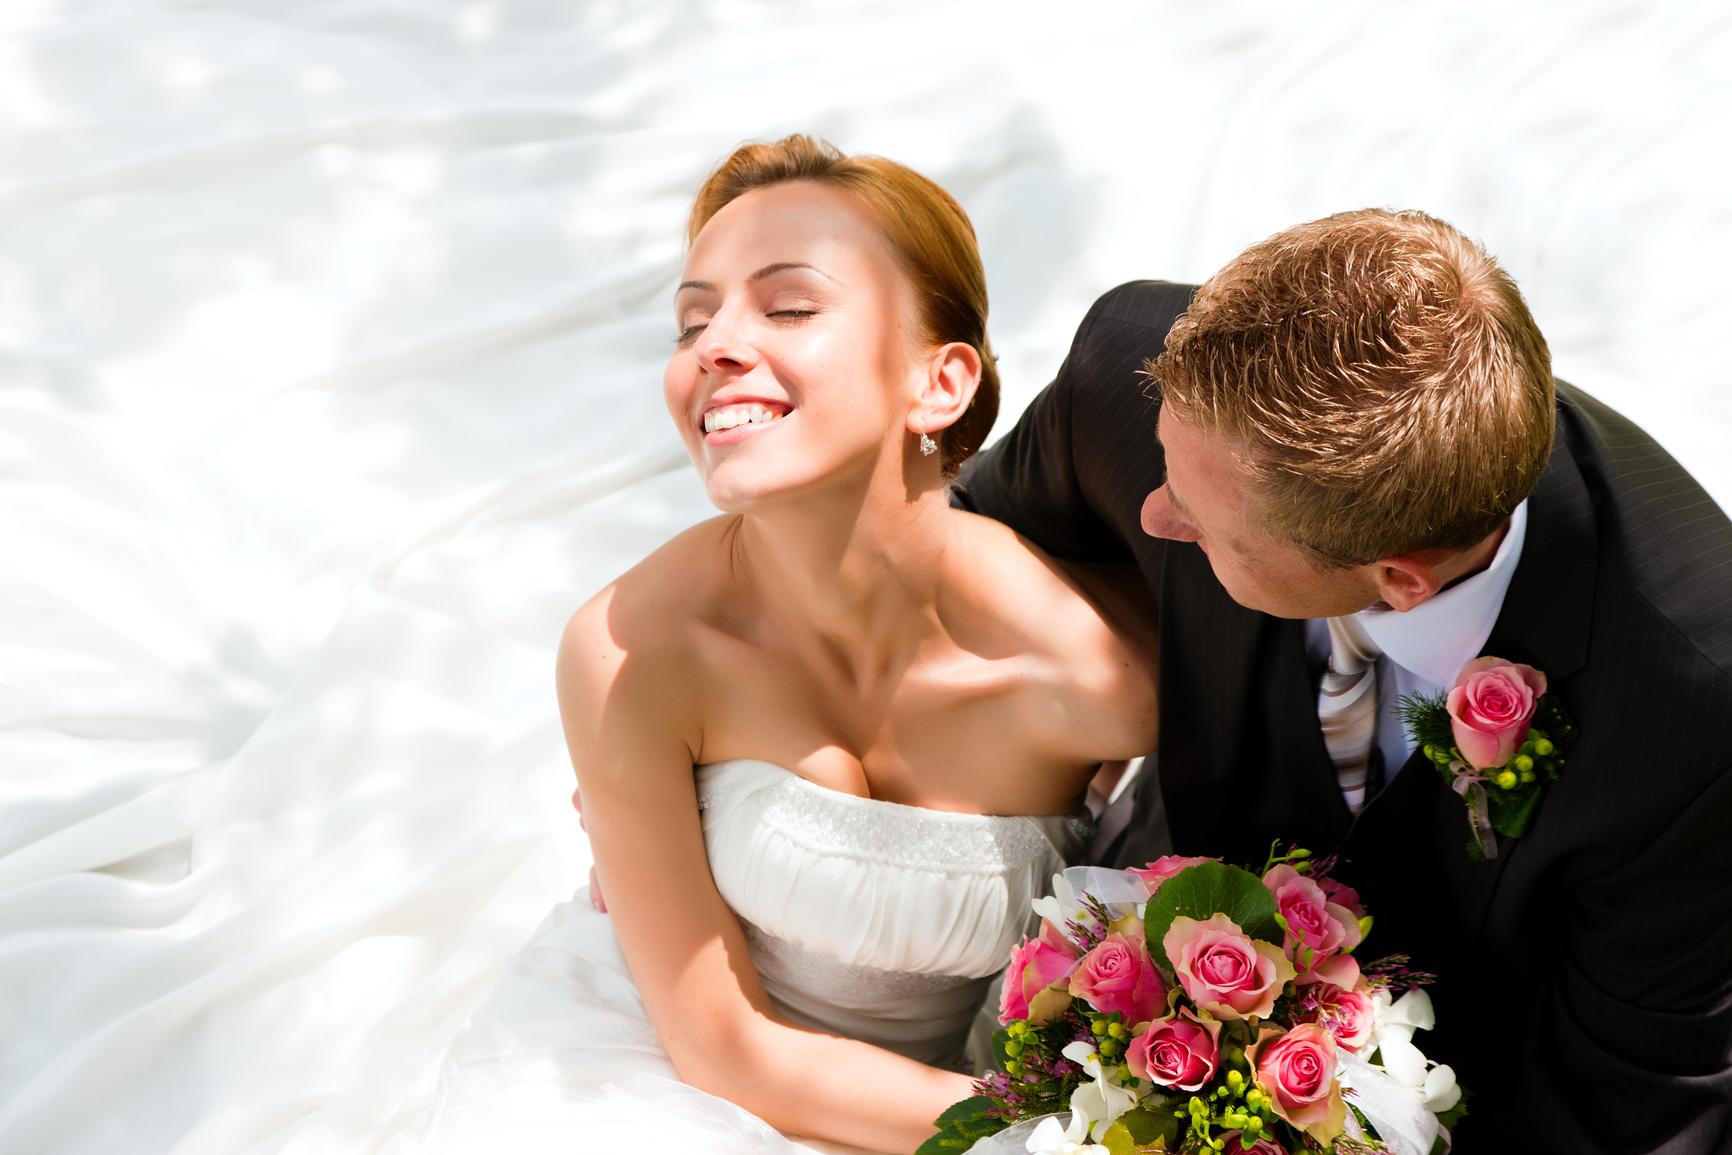 Смотреть онлайн секс родственников жениха с невестой